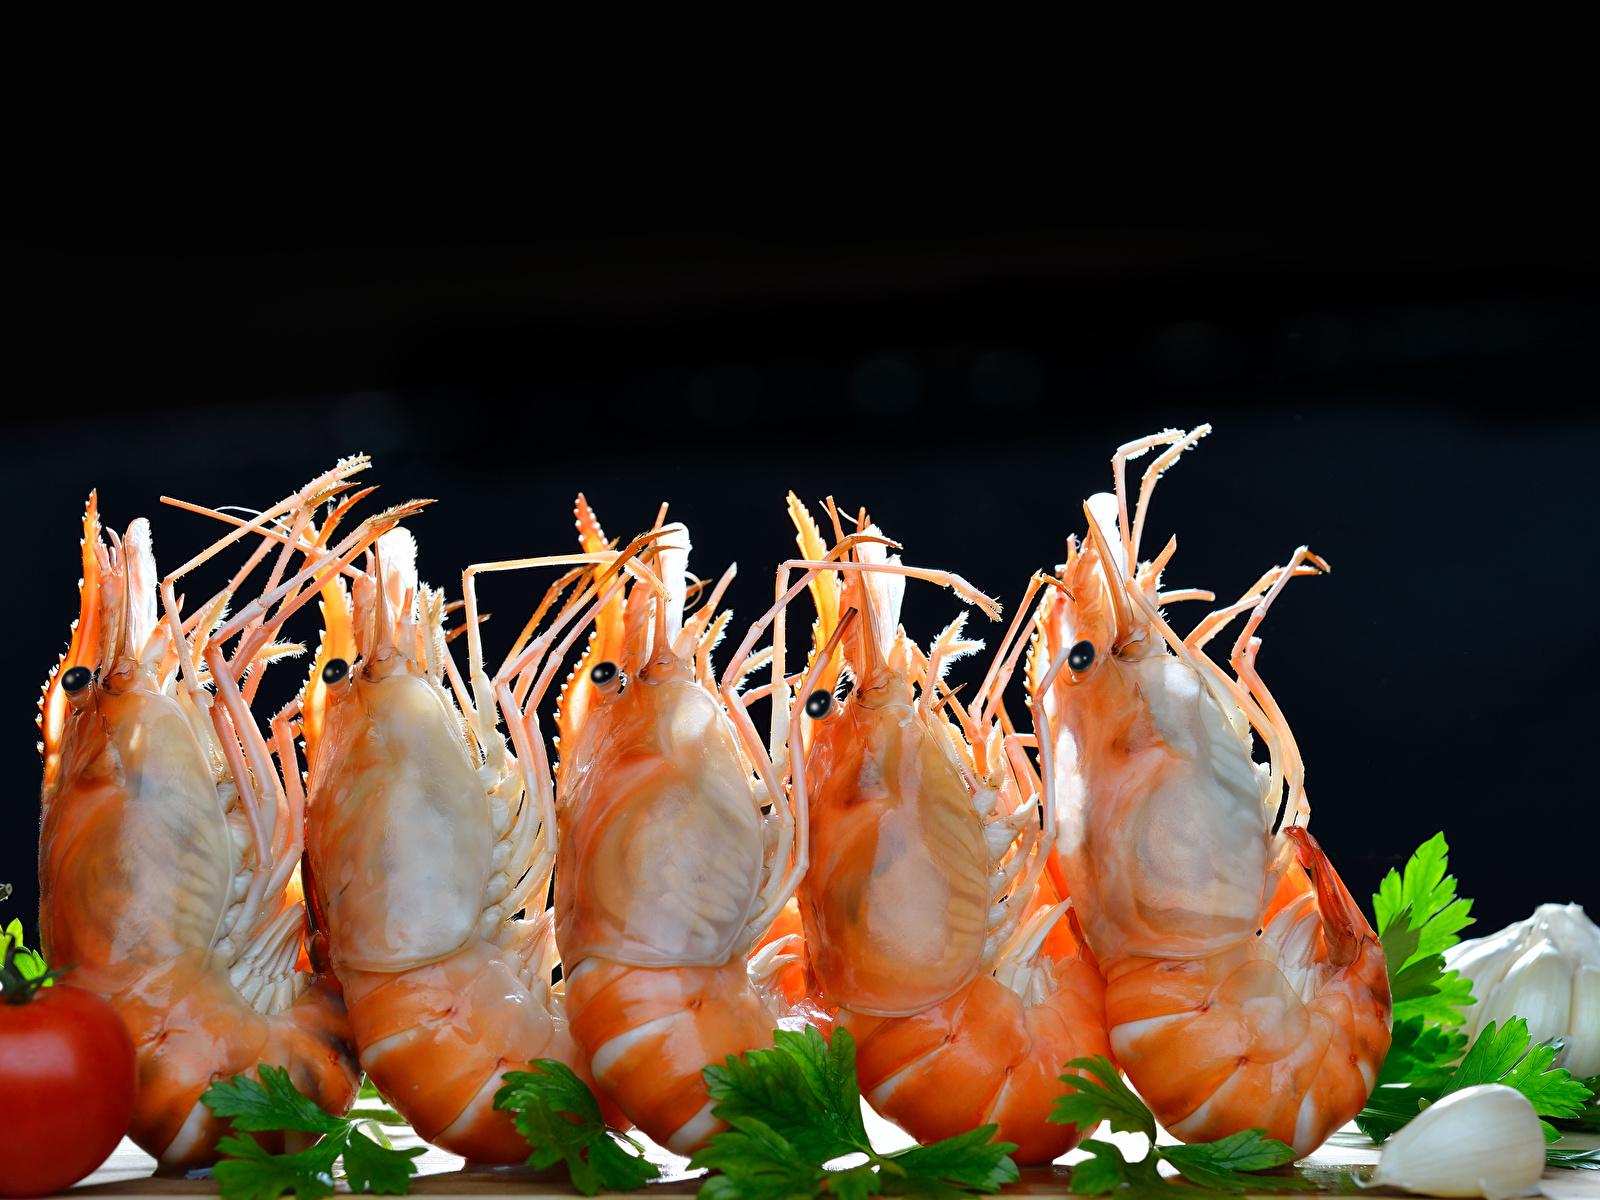 Фотография Креветки Еда Овощи Морепродукты на черном фоне Крупным планом 1600x1200 Пища Продукты питания вблизи Черный фон